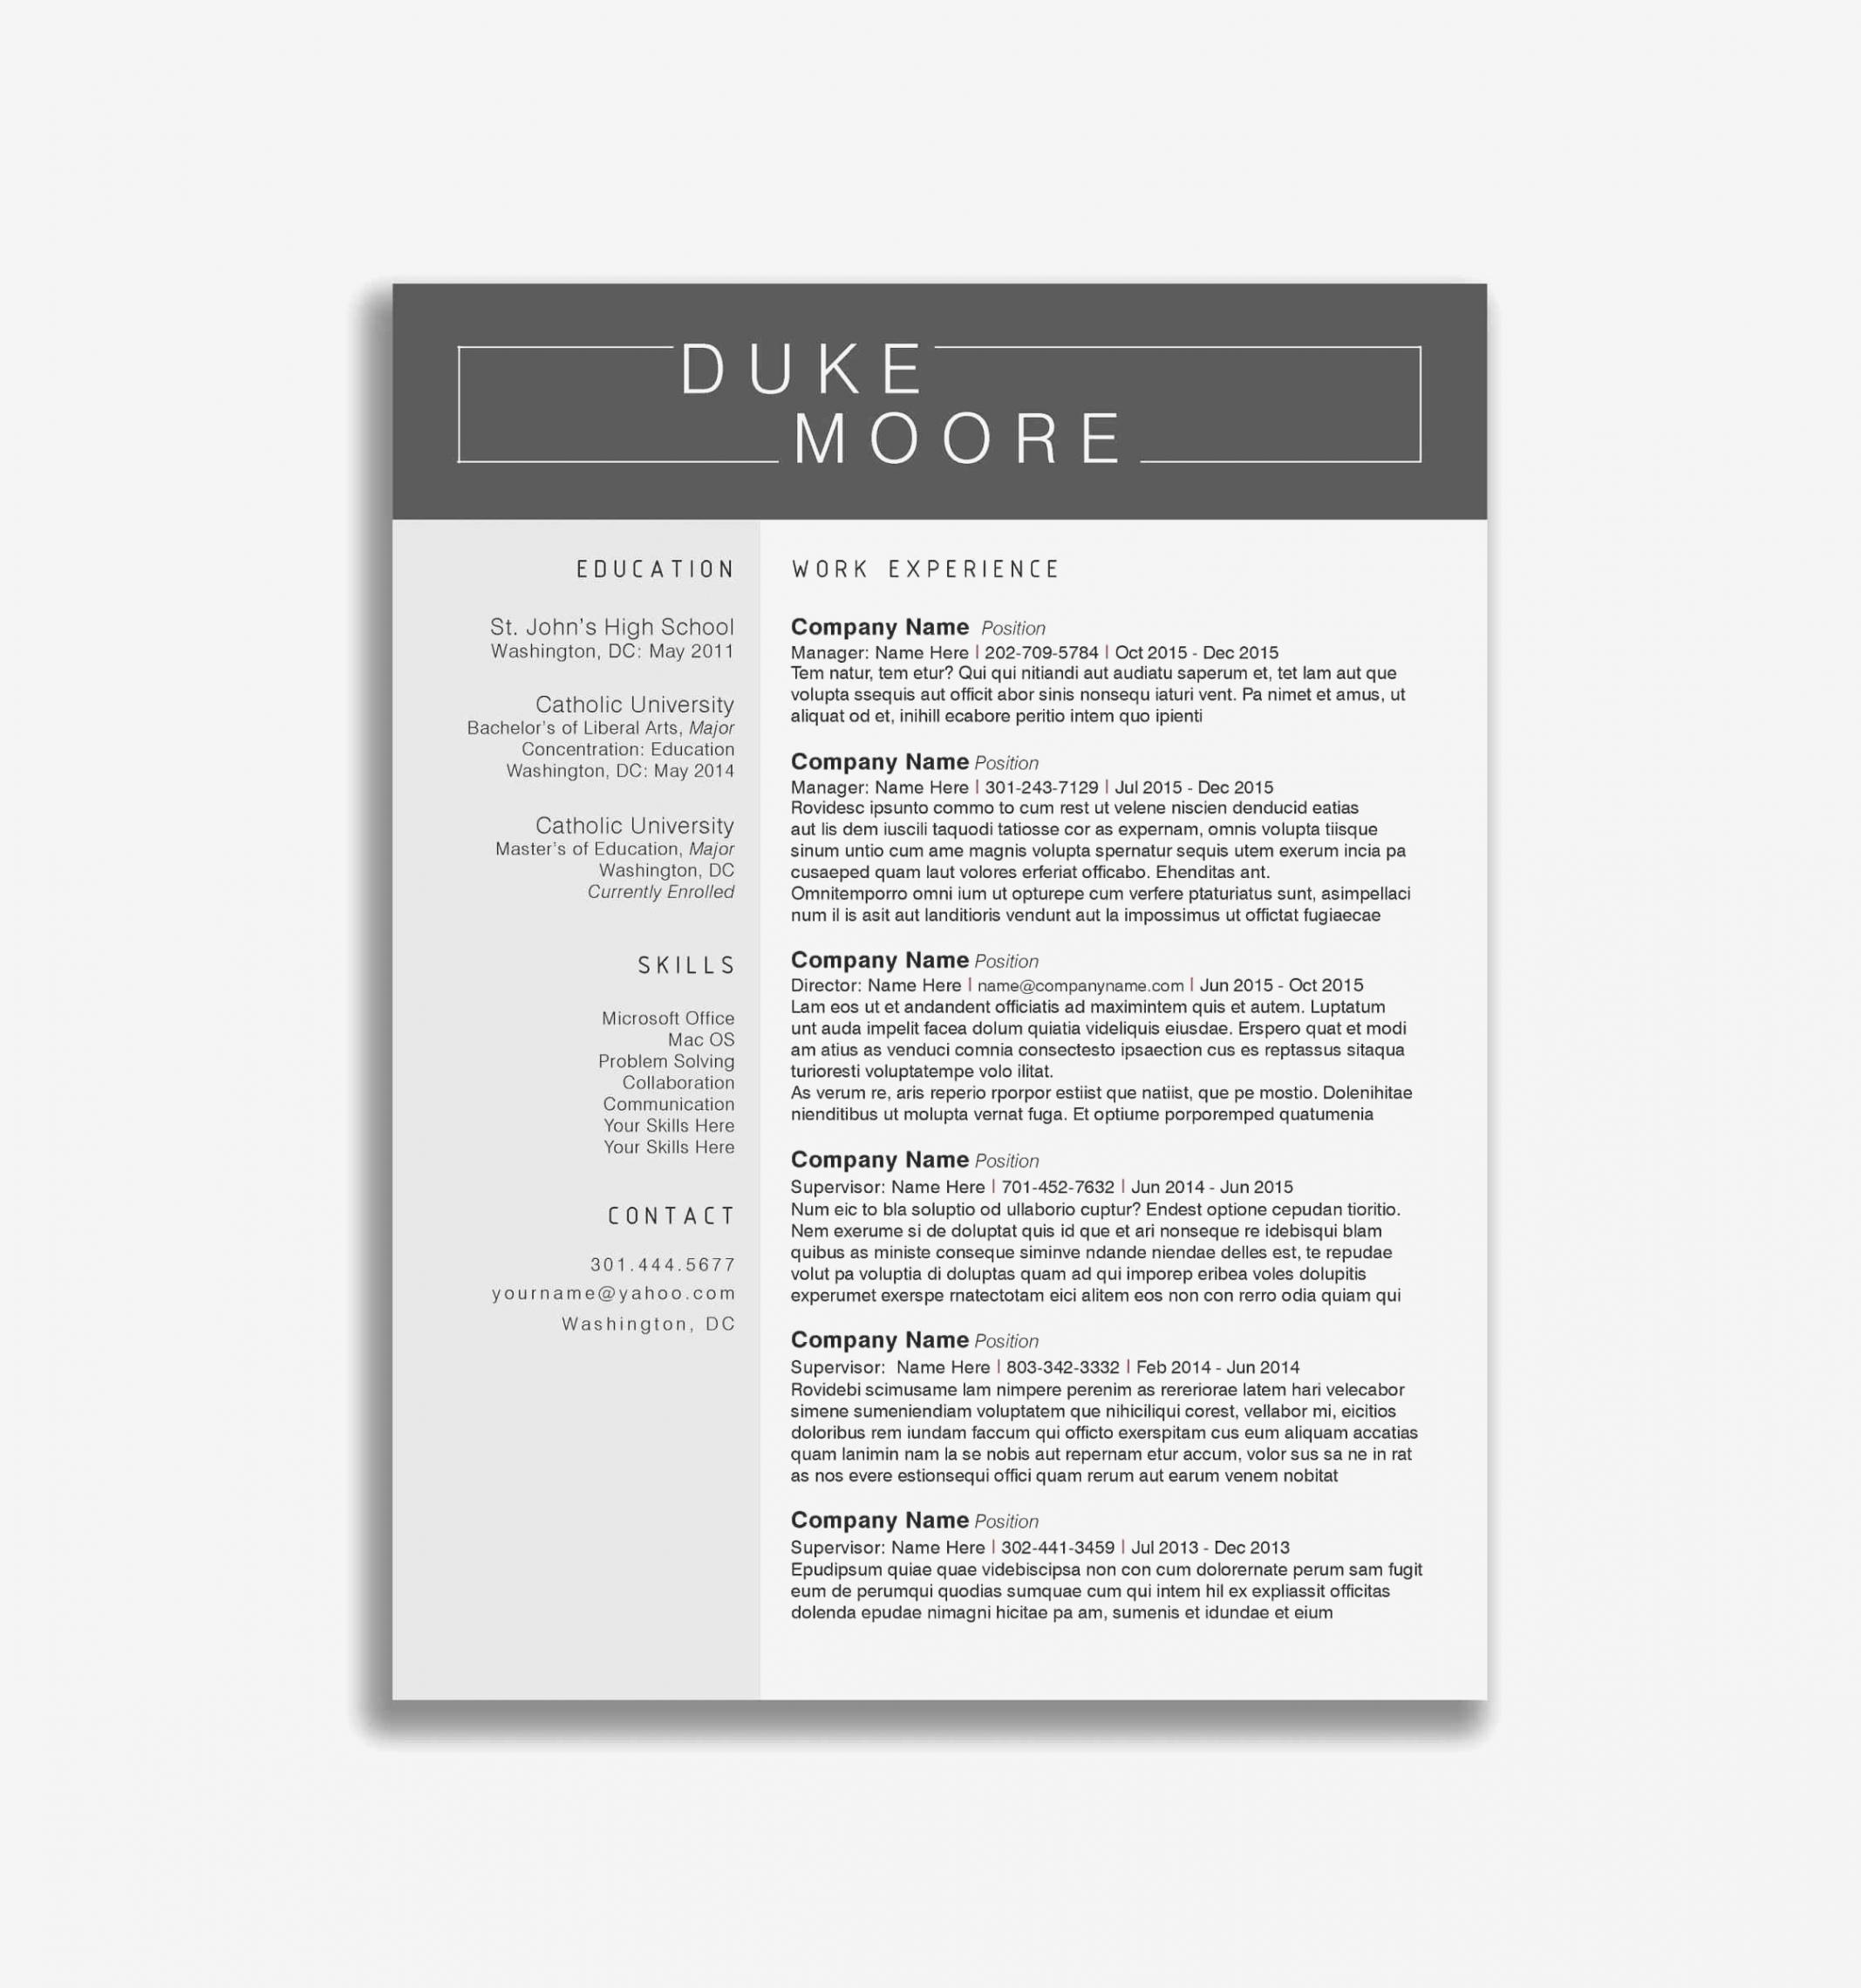 Porbe von  Word Resume Template Download Inspirational Resume Template Free Vorlage Lebenslauf Elegant